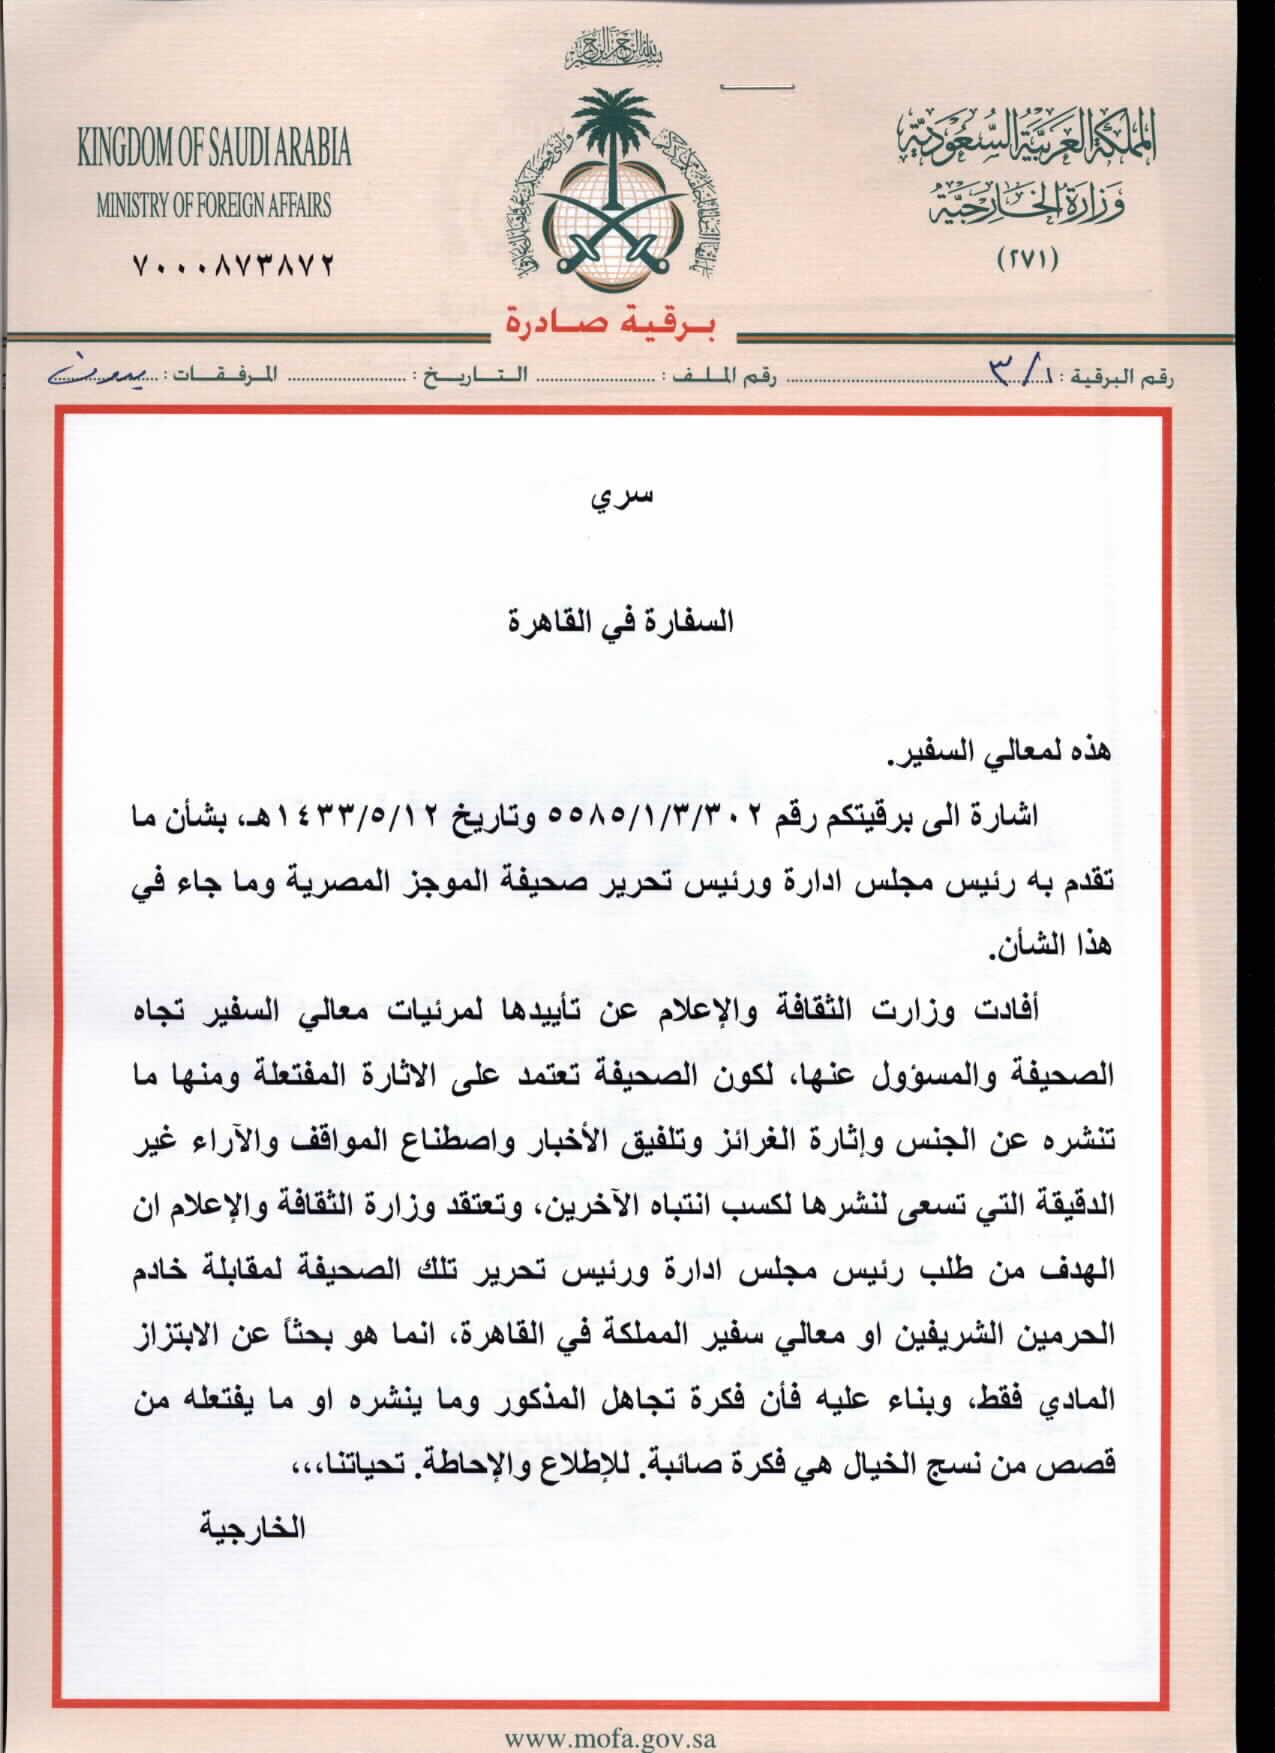 صورة من وثيقة رد وزير الخارجية